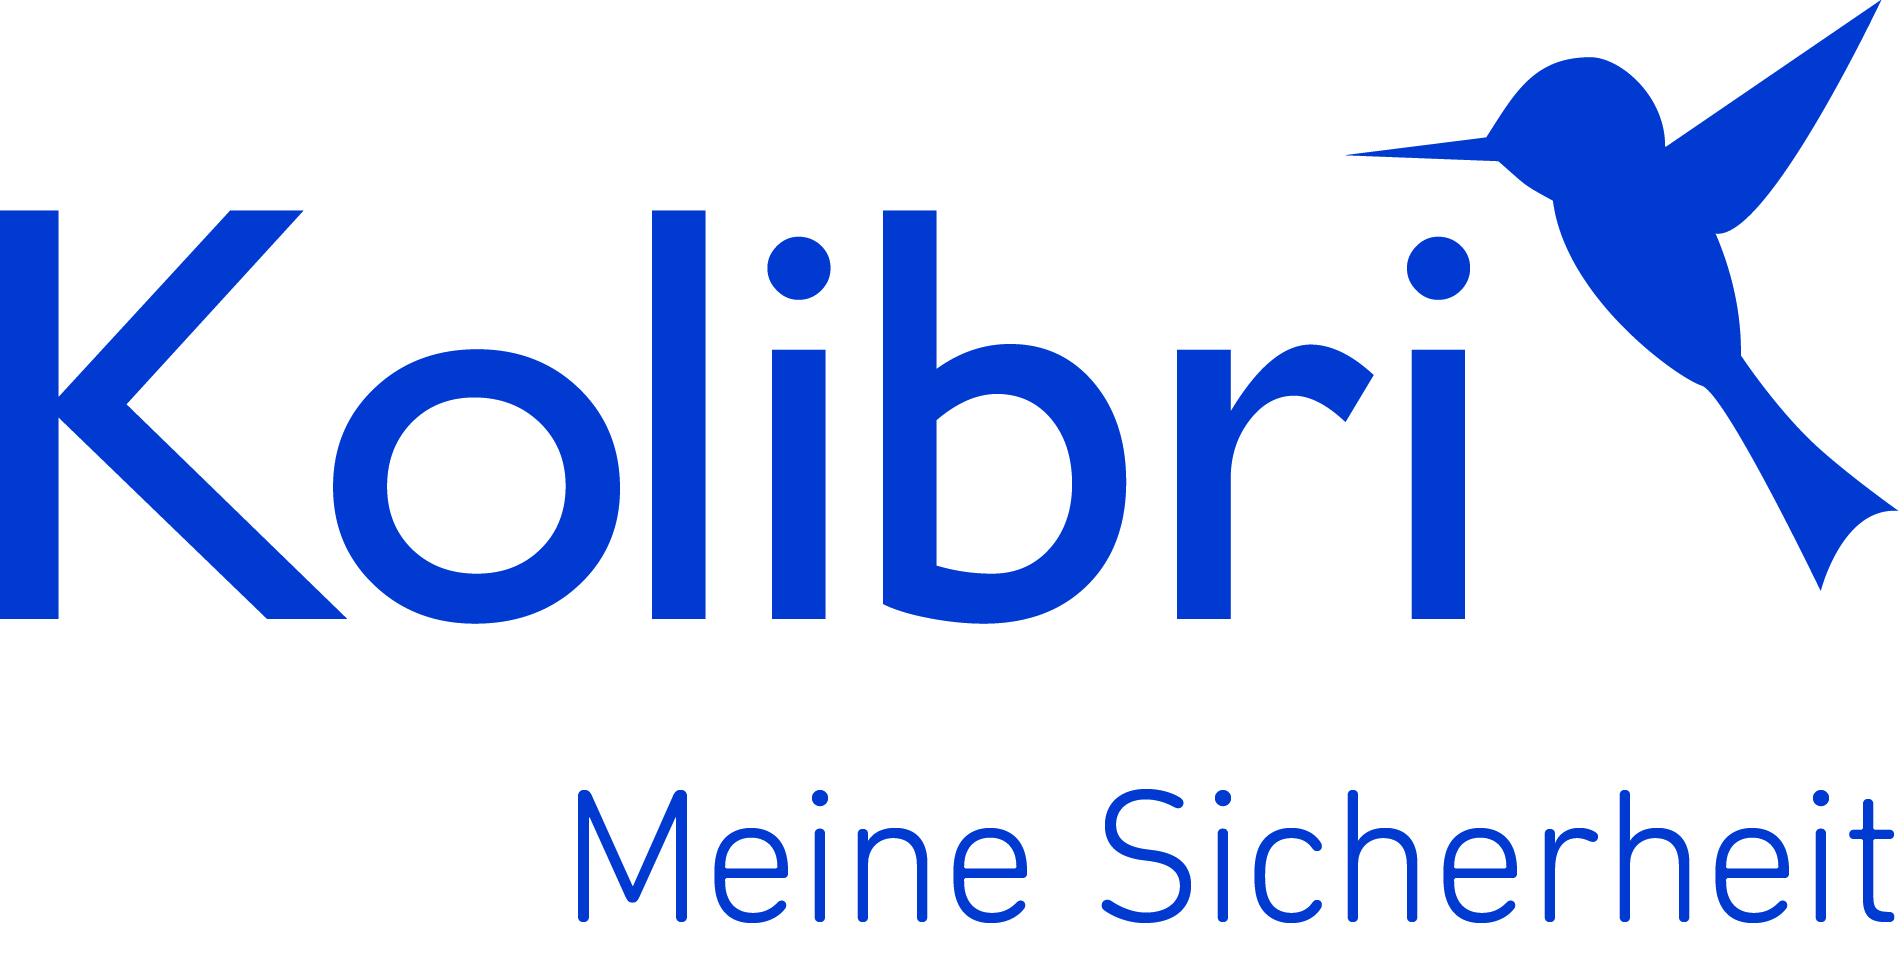 IGEFA Handelsgesellschaft mbH & Co. KG